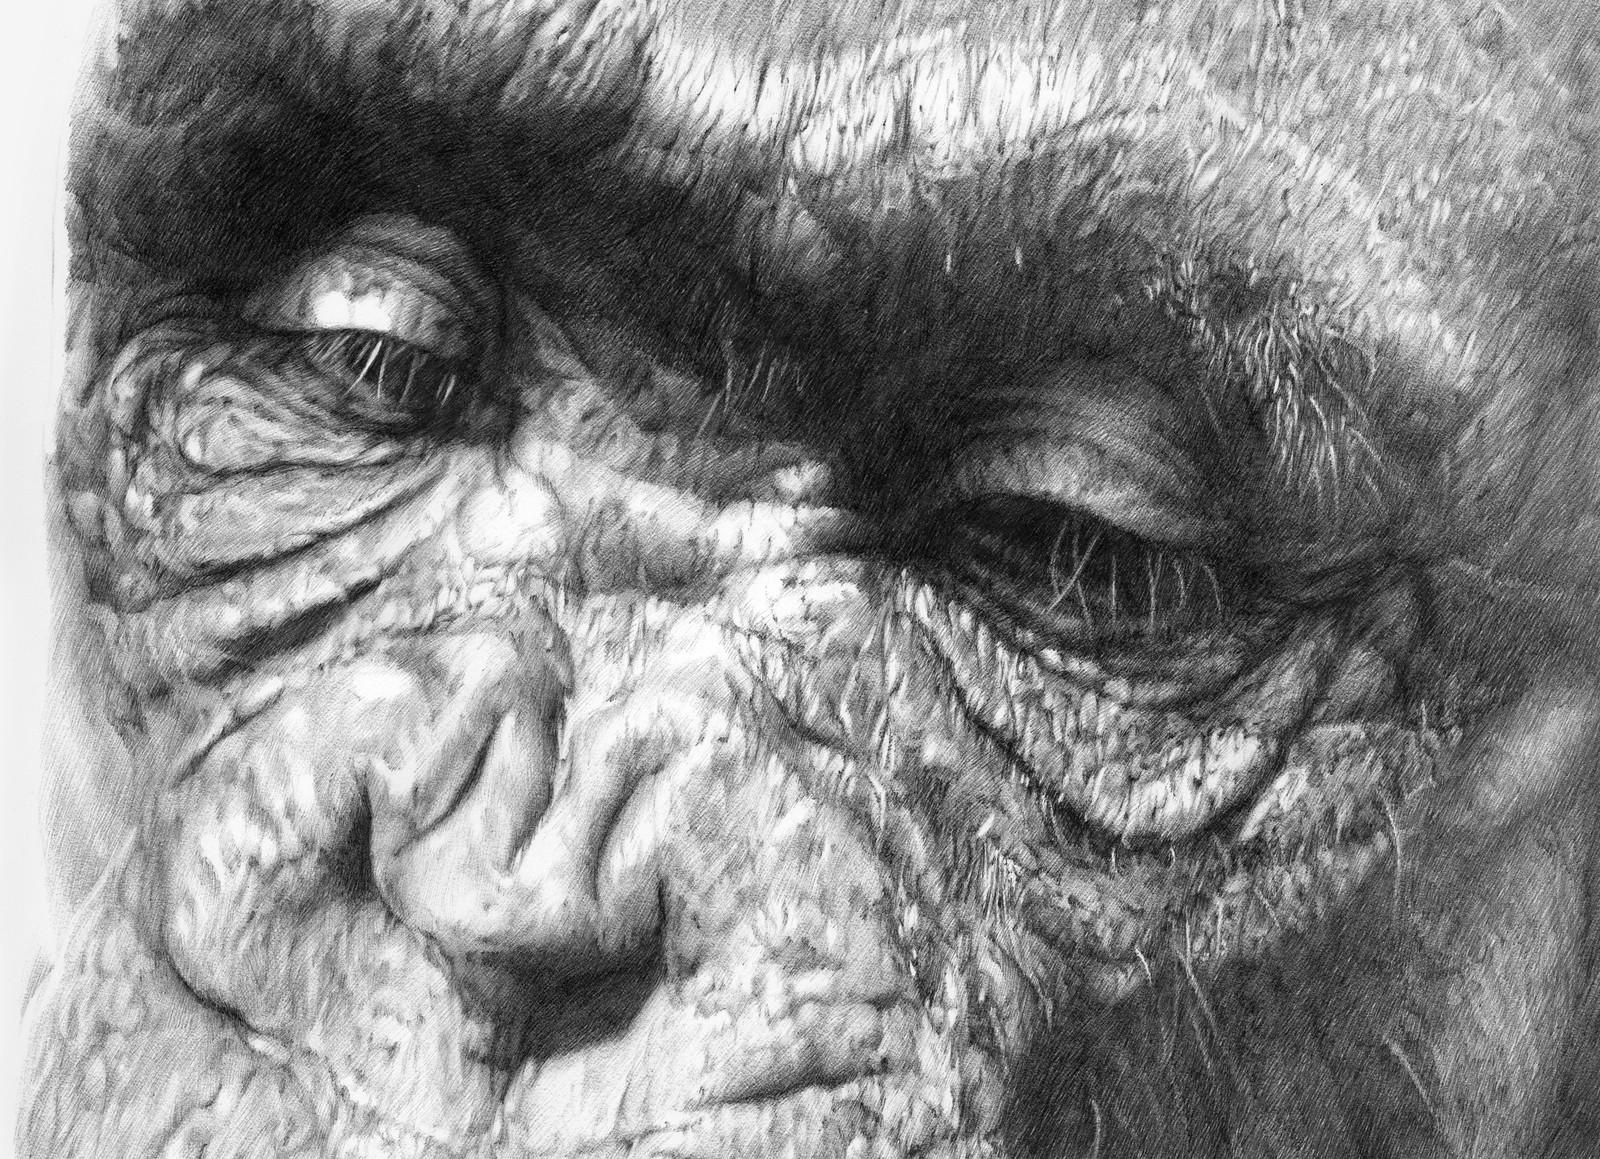 Chimpanzee - Amber